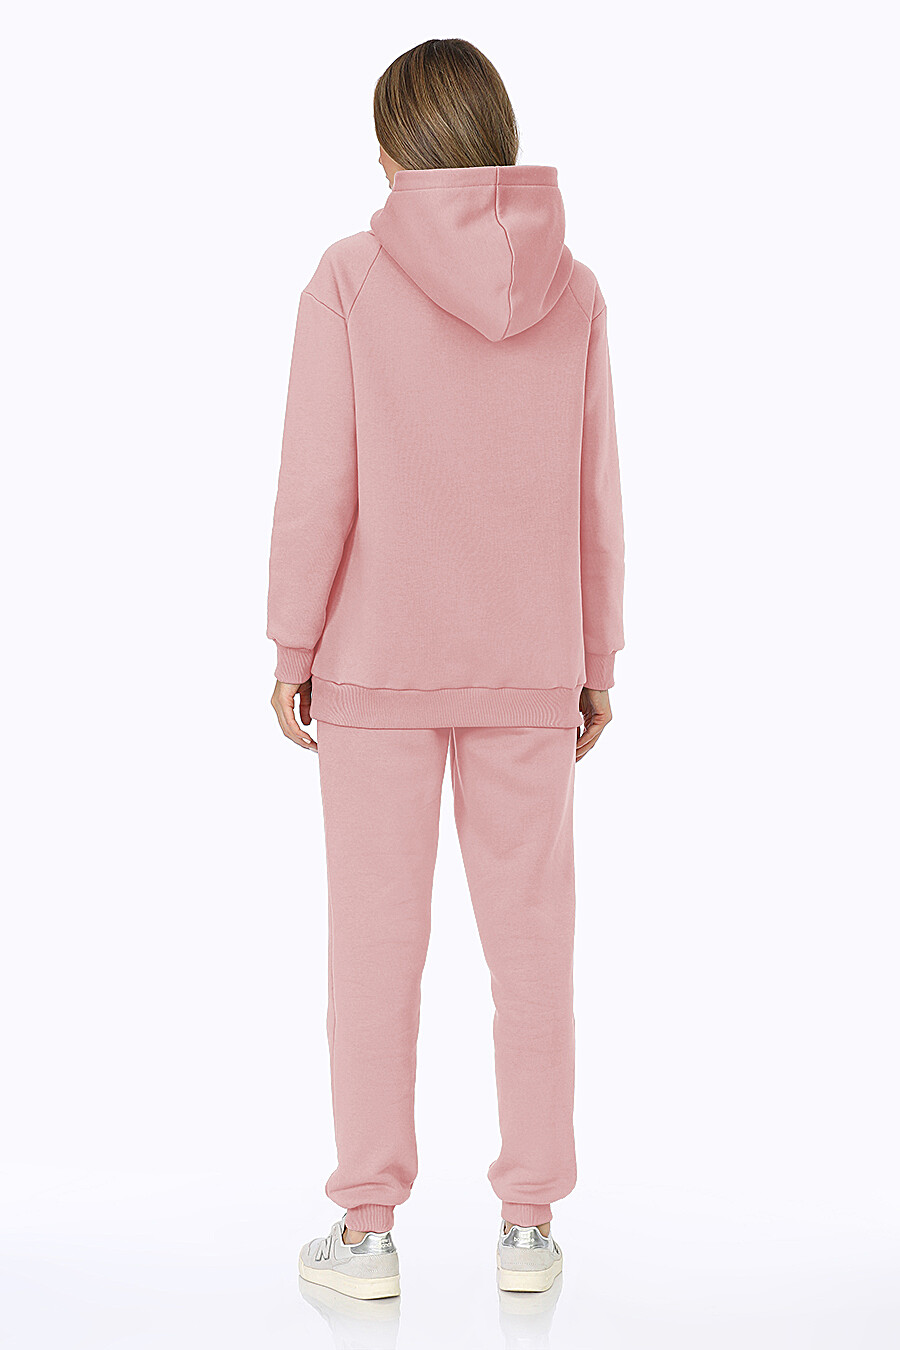 Костюм (Брюки+Худи) для женщин EZANNA 708530 купить оптом от производителя. Совместная покупка женской одежды в OptMoyo